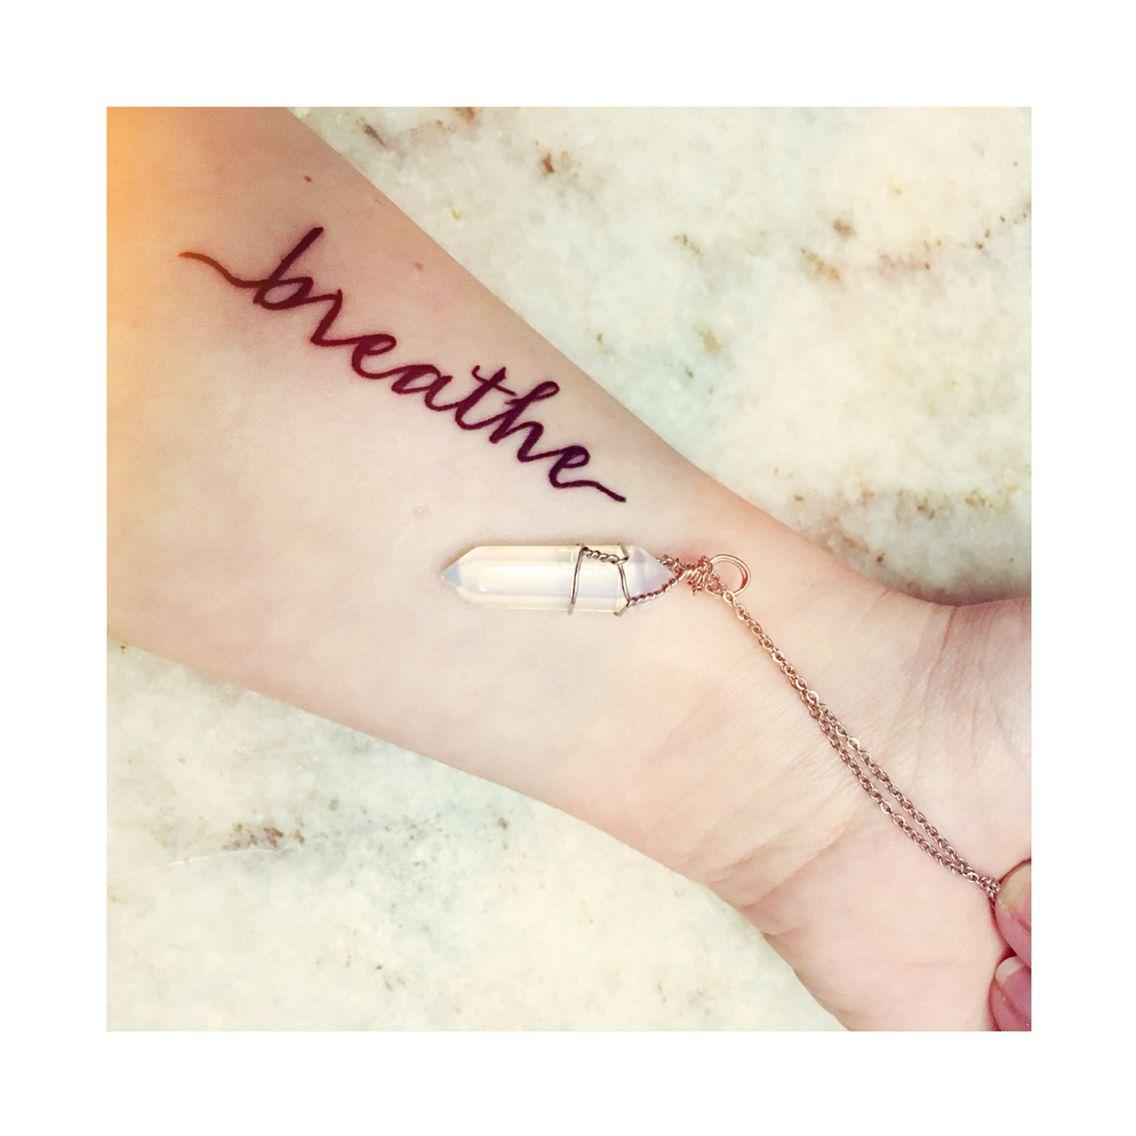 Breathe Tattoo Forearm Tattoo Wrist Tattoo Pretty Tattoo